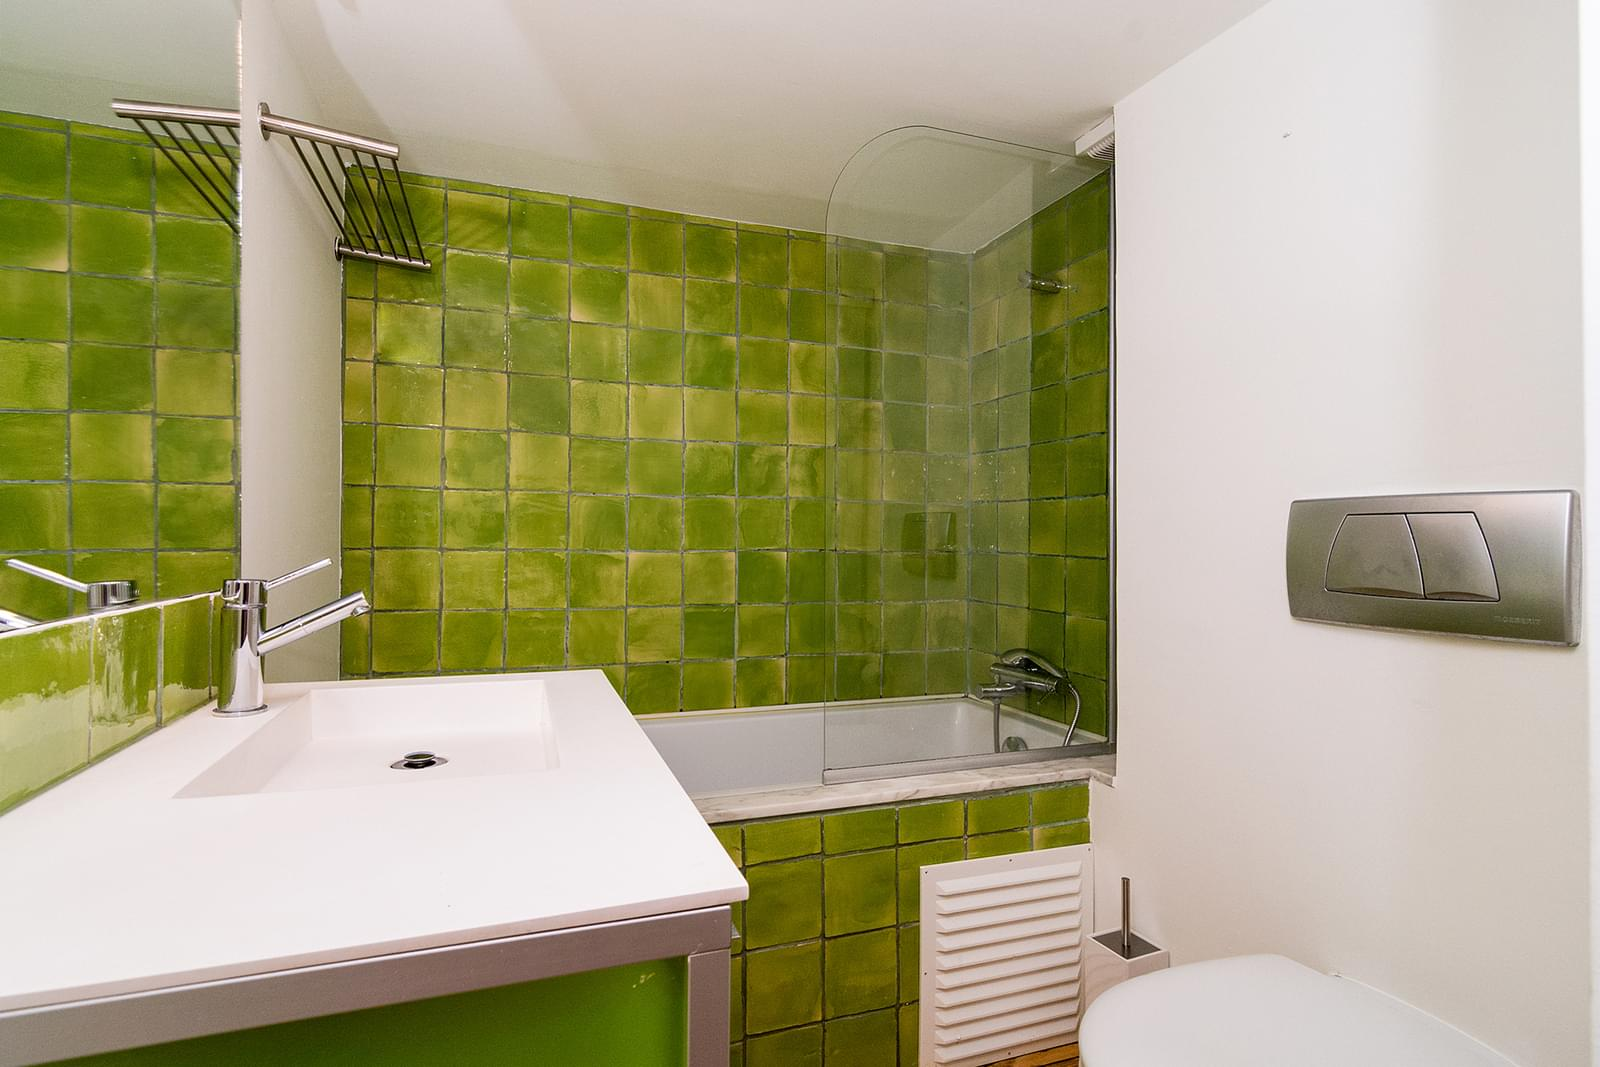 pf17176-apartamento-t0-lisboa-8029bb37-d040-4f35-9007-7e2d14a81f80